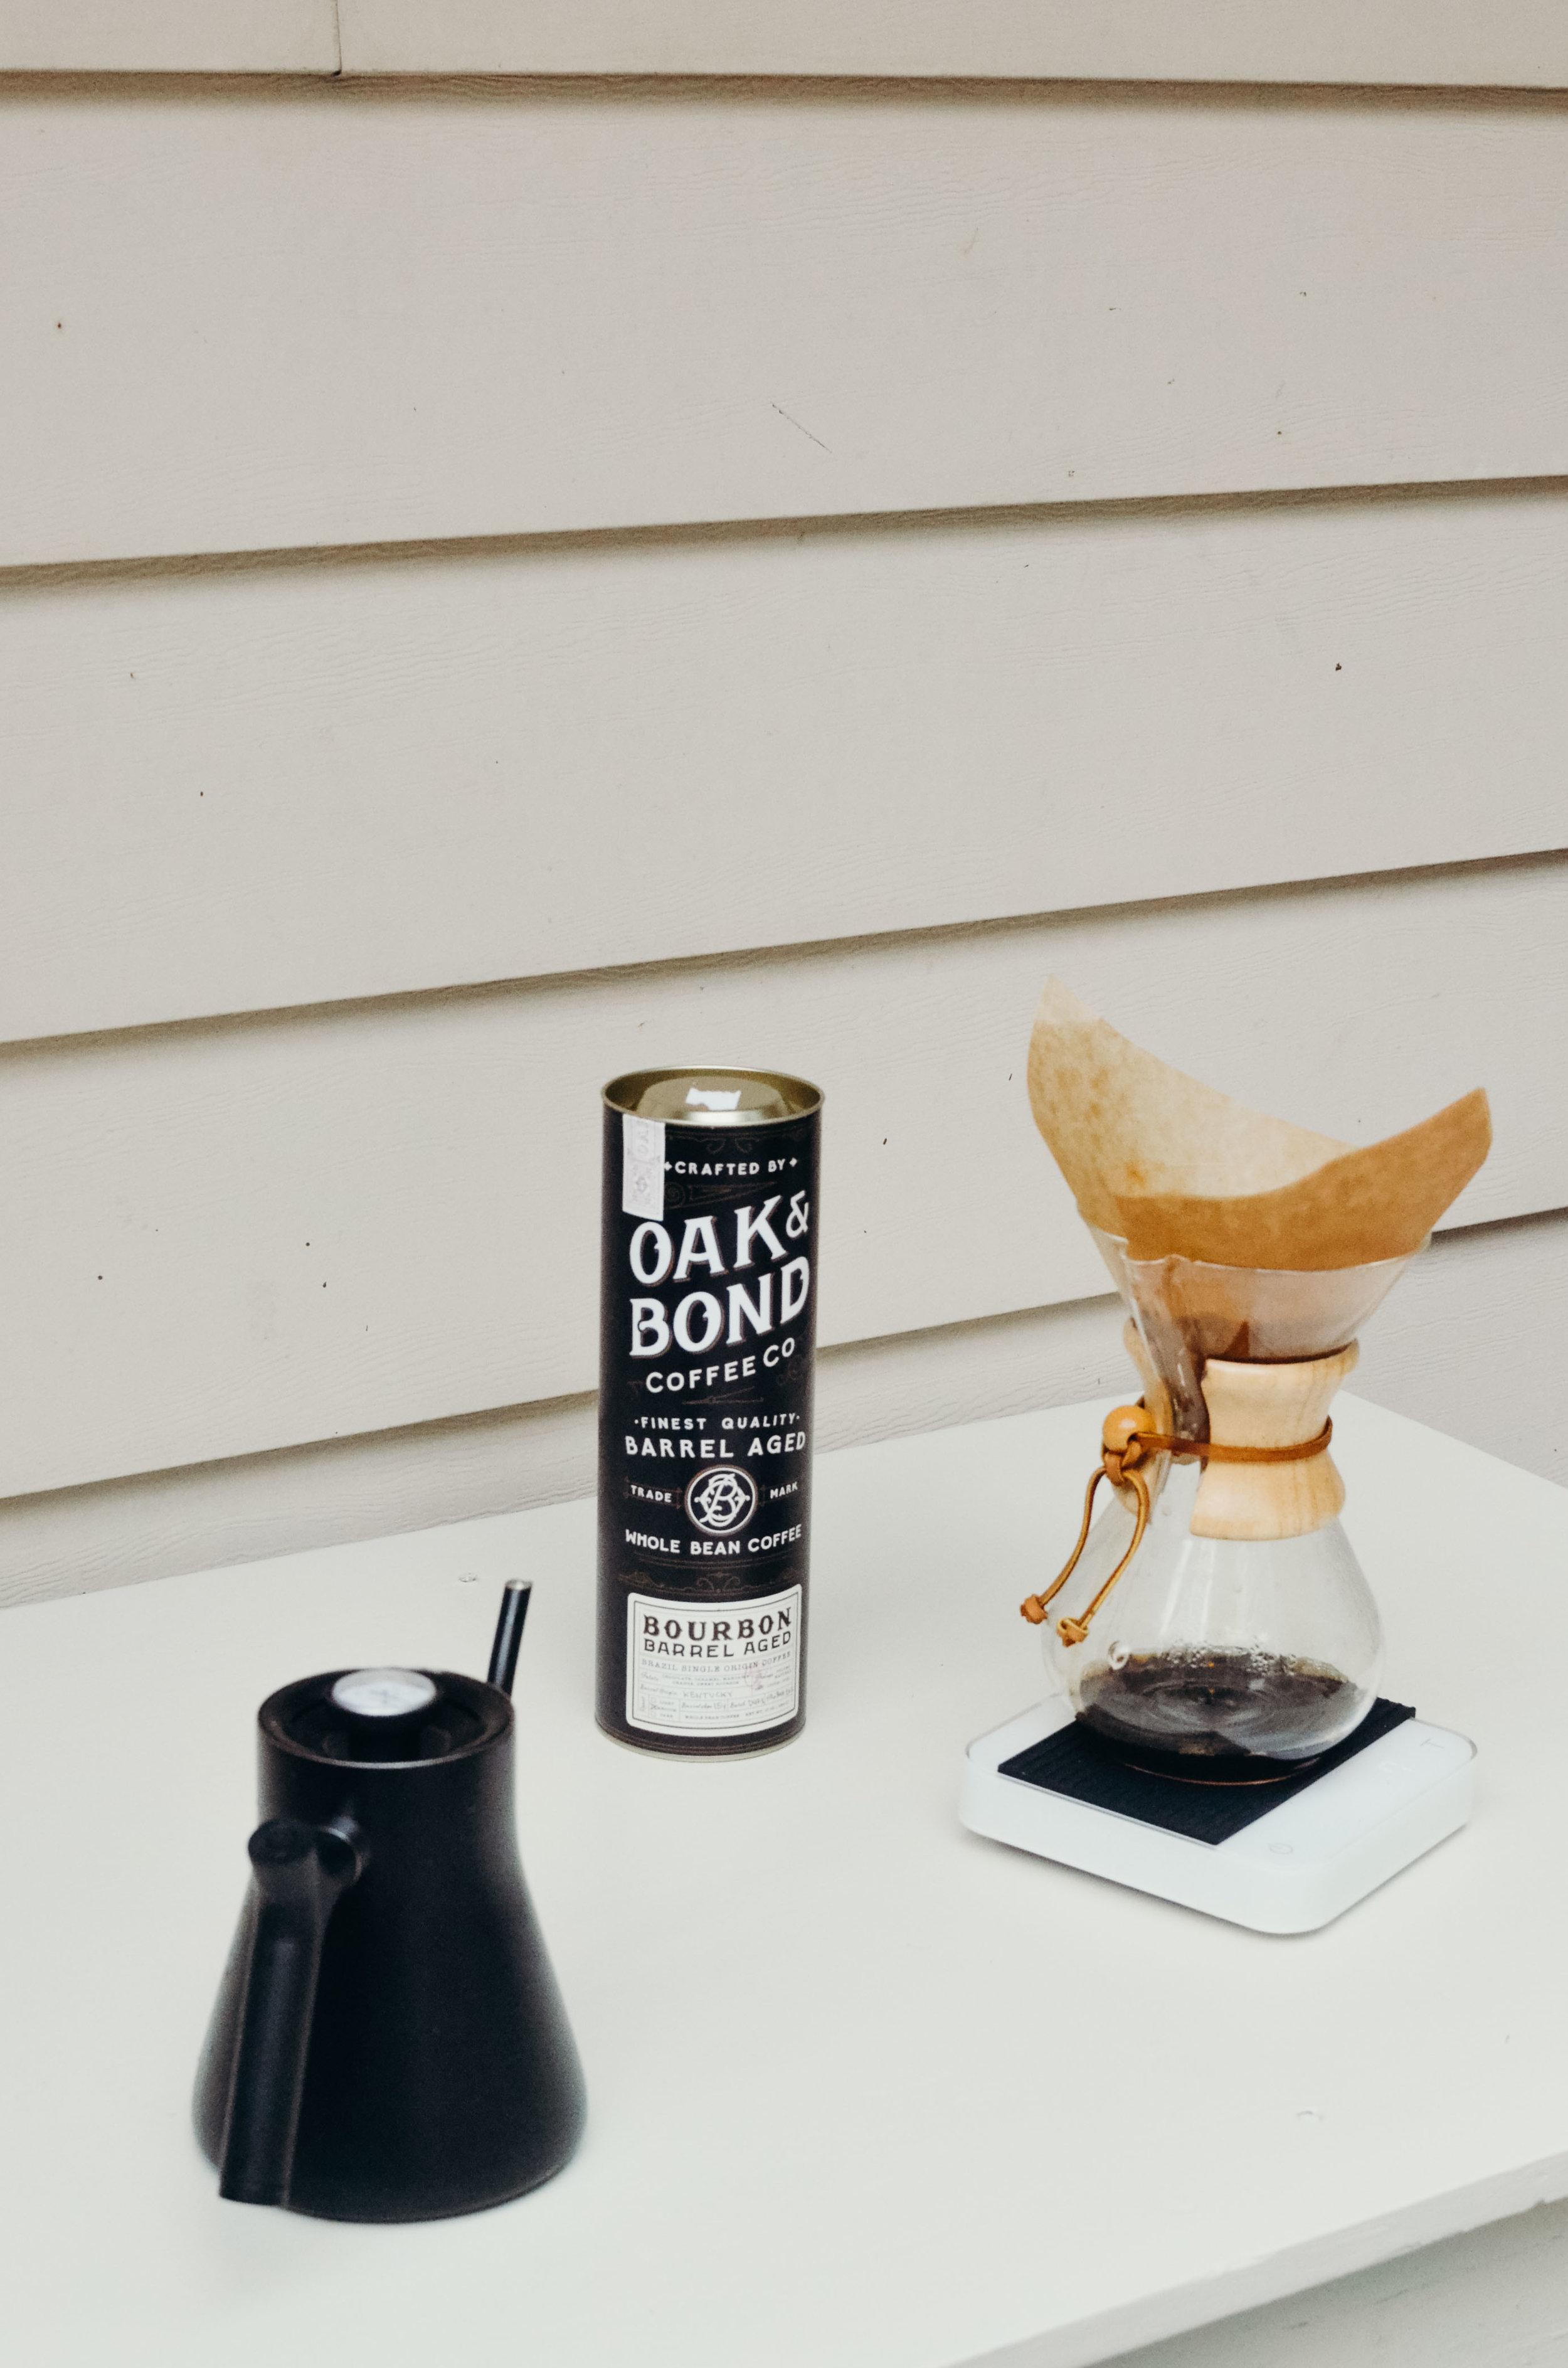 Wendling_Boyd_Oak_Bond_Coffee-5.jpg